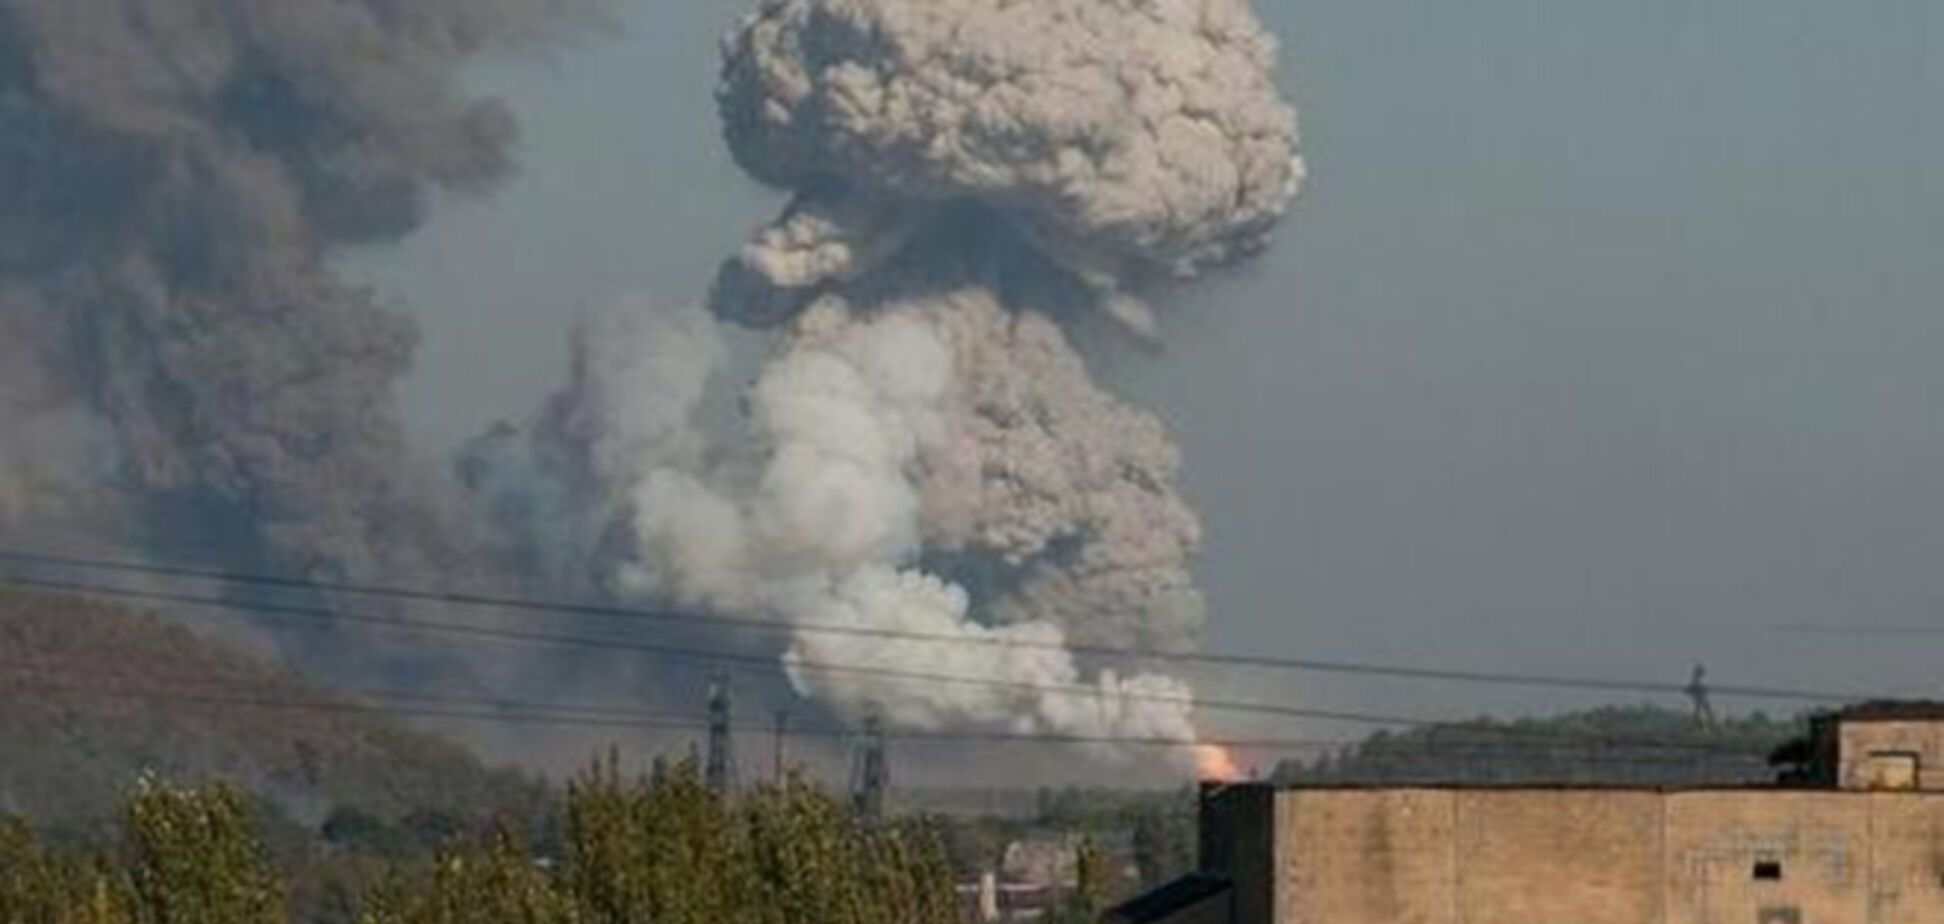 Источник объяснил, с какой целью террористы списали взрыв в Донецке на партизан